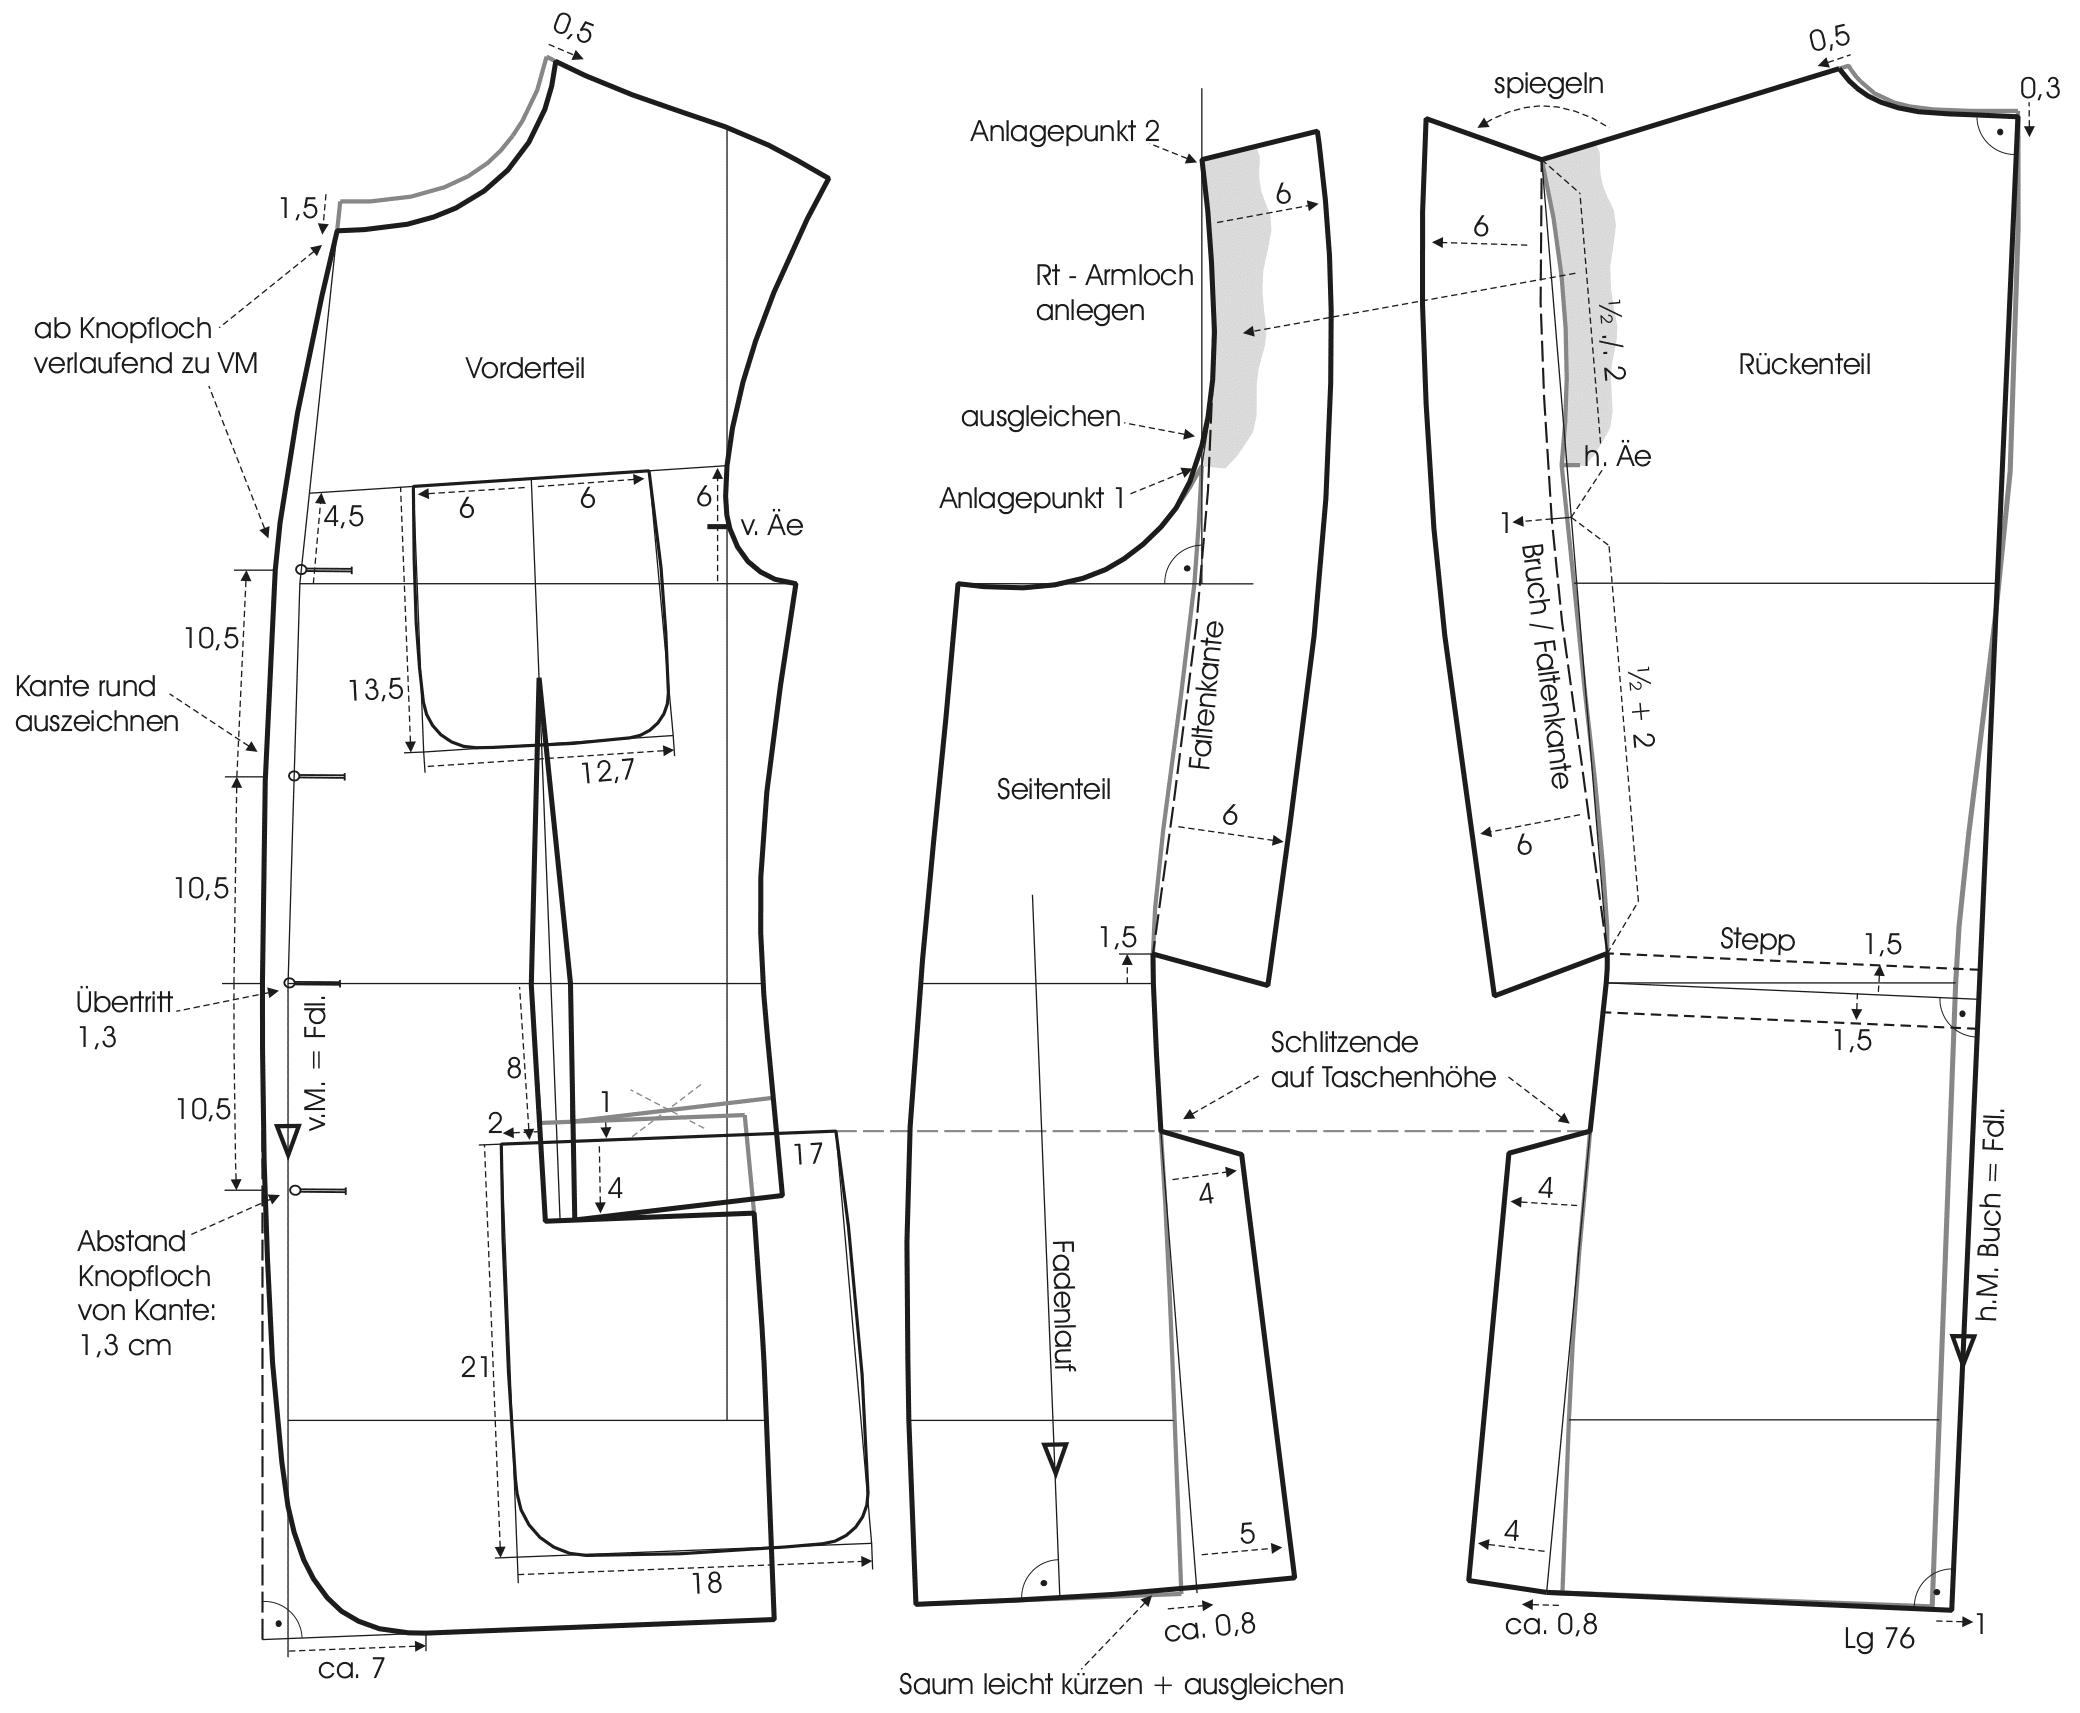 Die Abbildung zeigt die Schntittechnik eines Sakkos mit Golffalte.